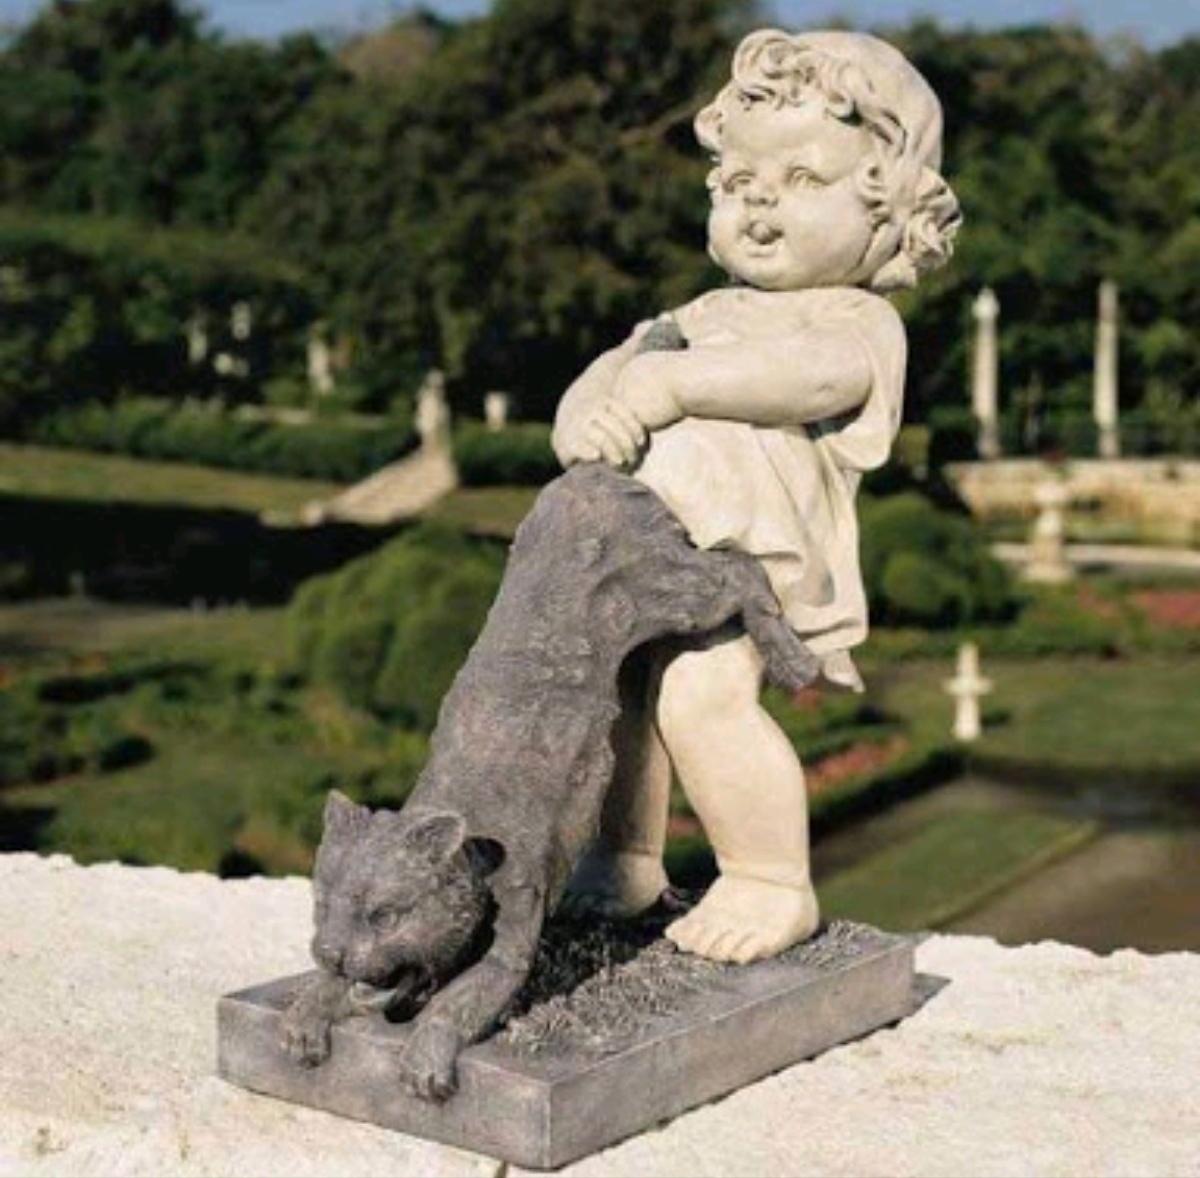 Quien hizo esta estatua? - meme